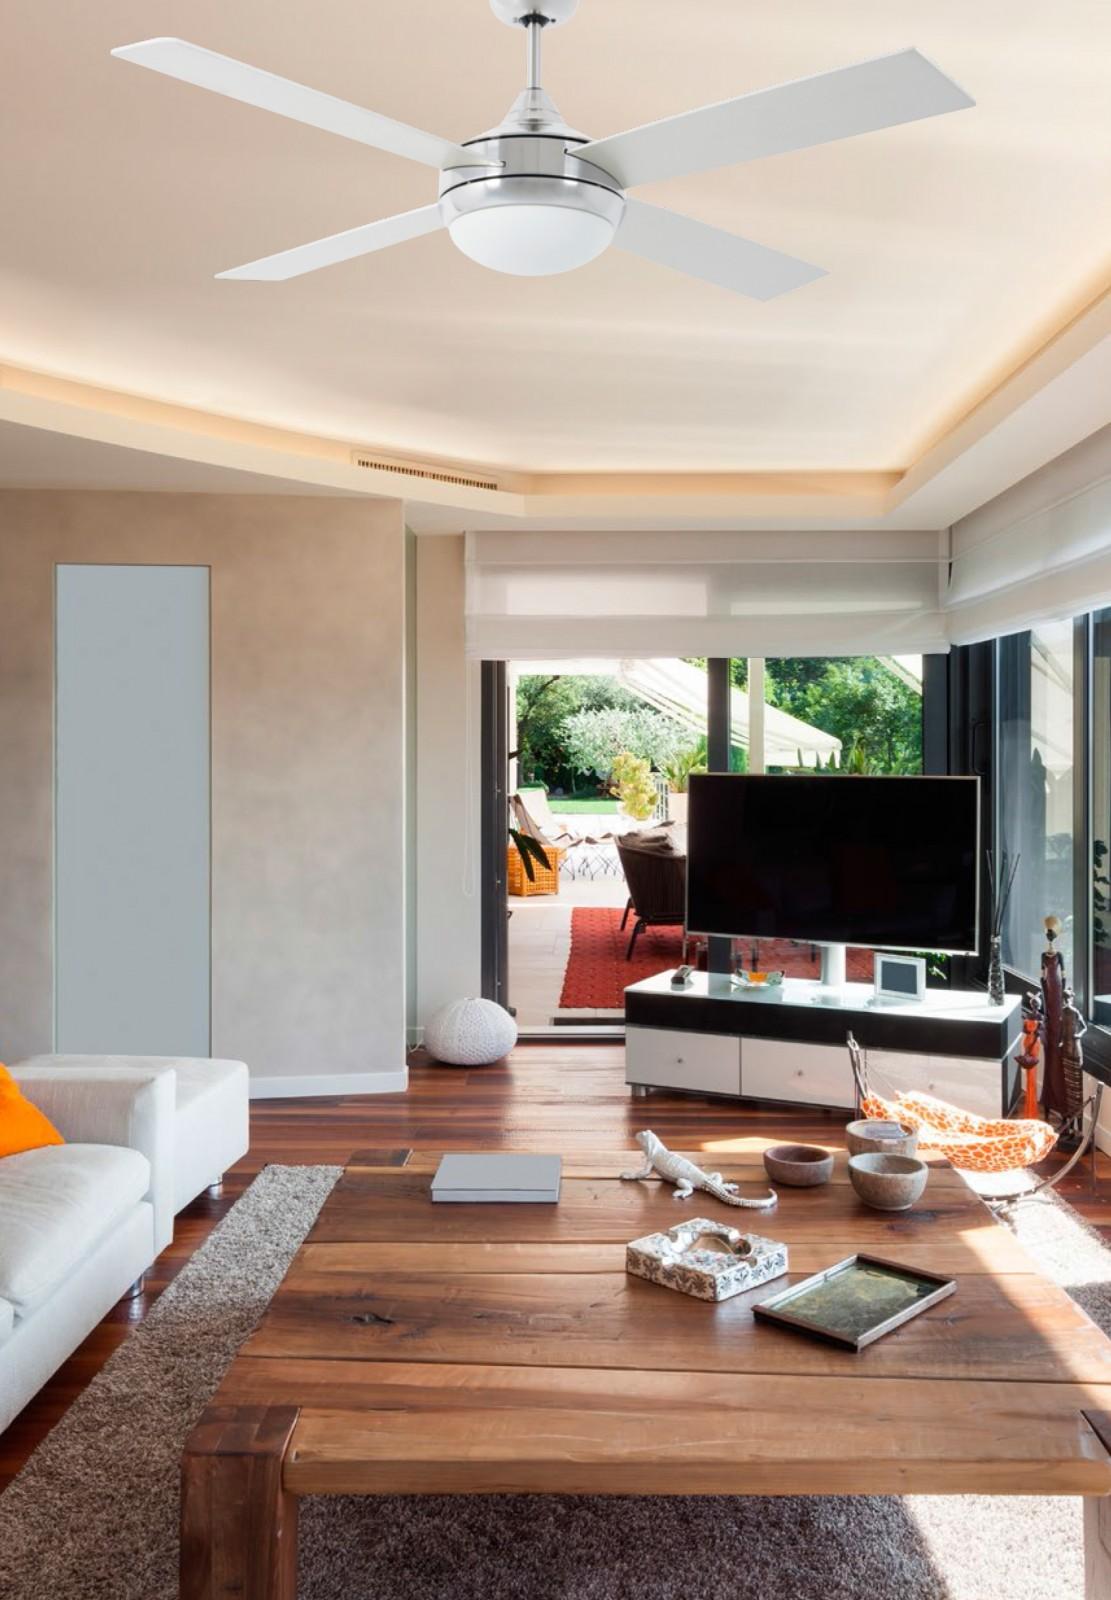 deckenventilator icaria aluminium 132 cm mit beleuchtung. Black Bedroom Furniture Sets. Home Design Ideas